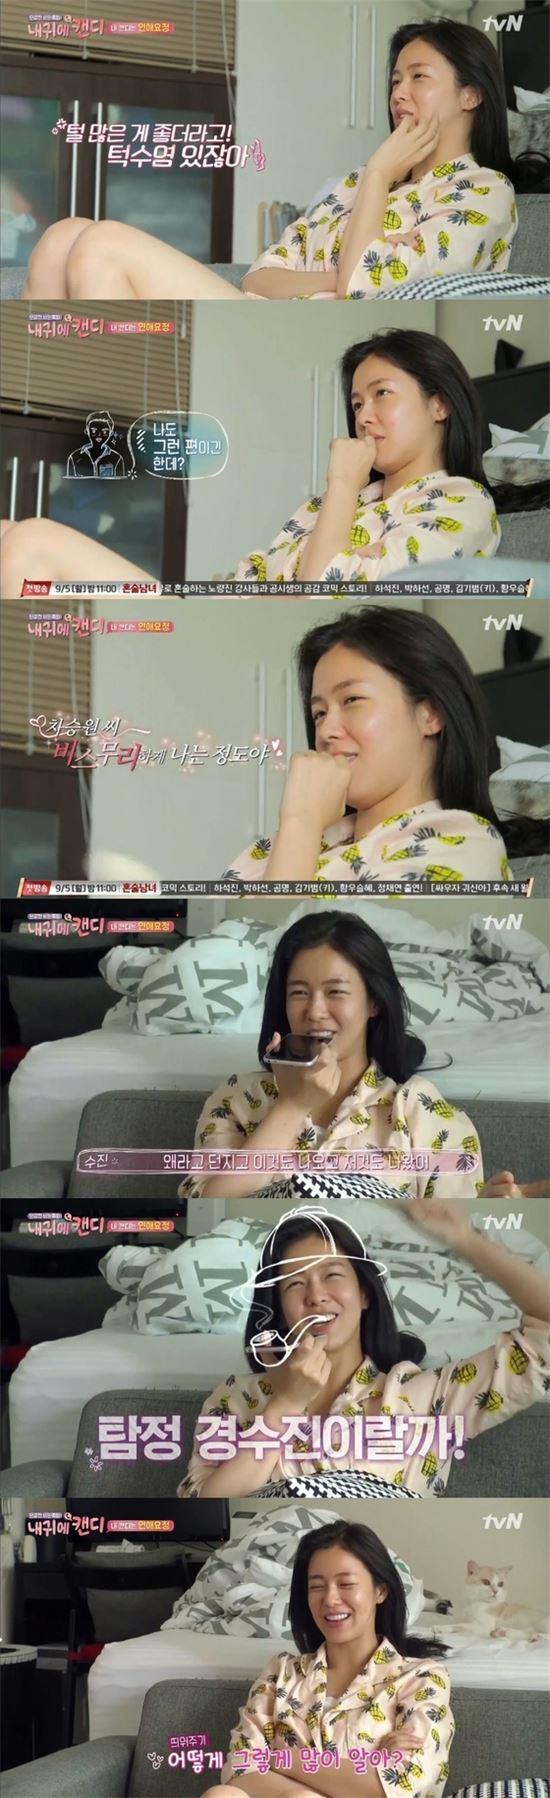 경수진. 사진=tvN '내 귀에 캔디' 방송 캡쳐